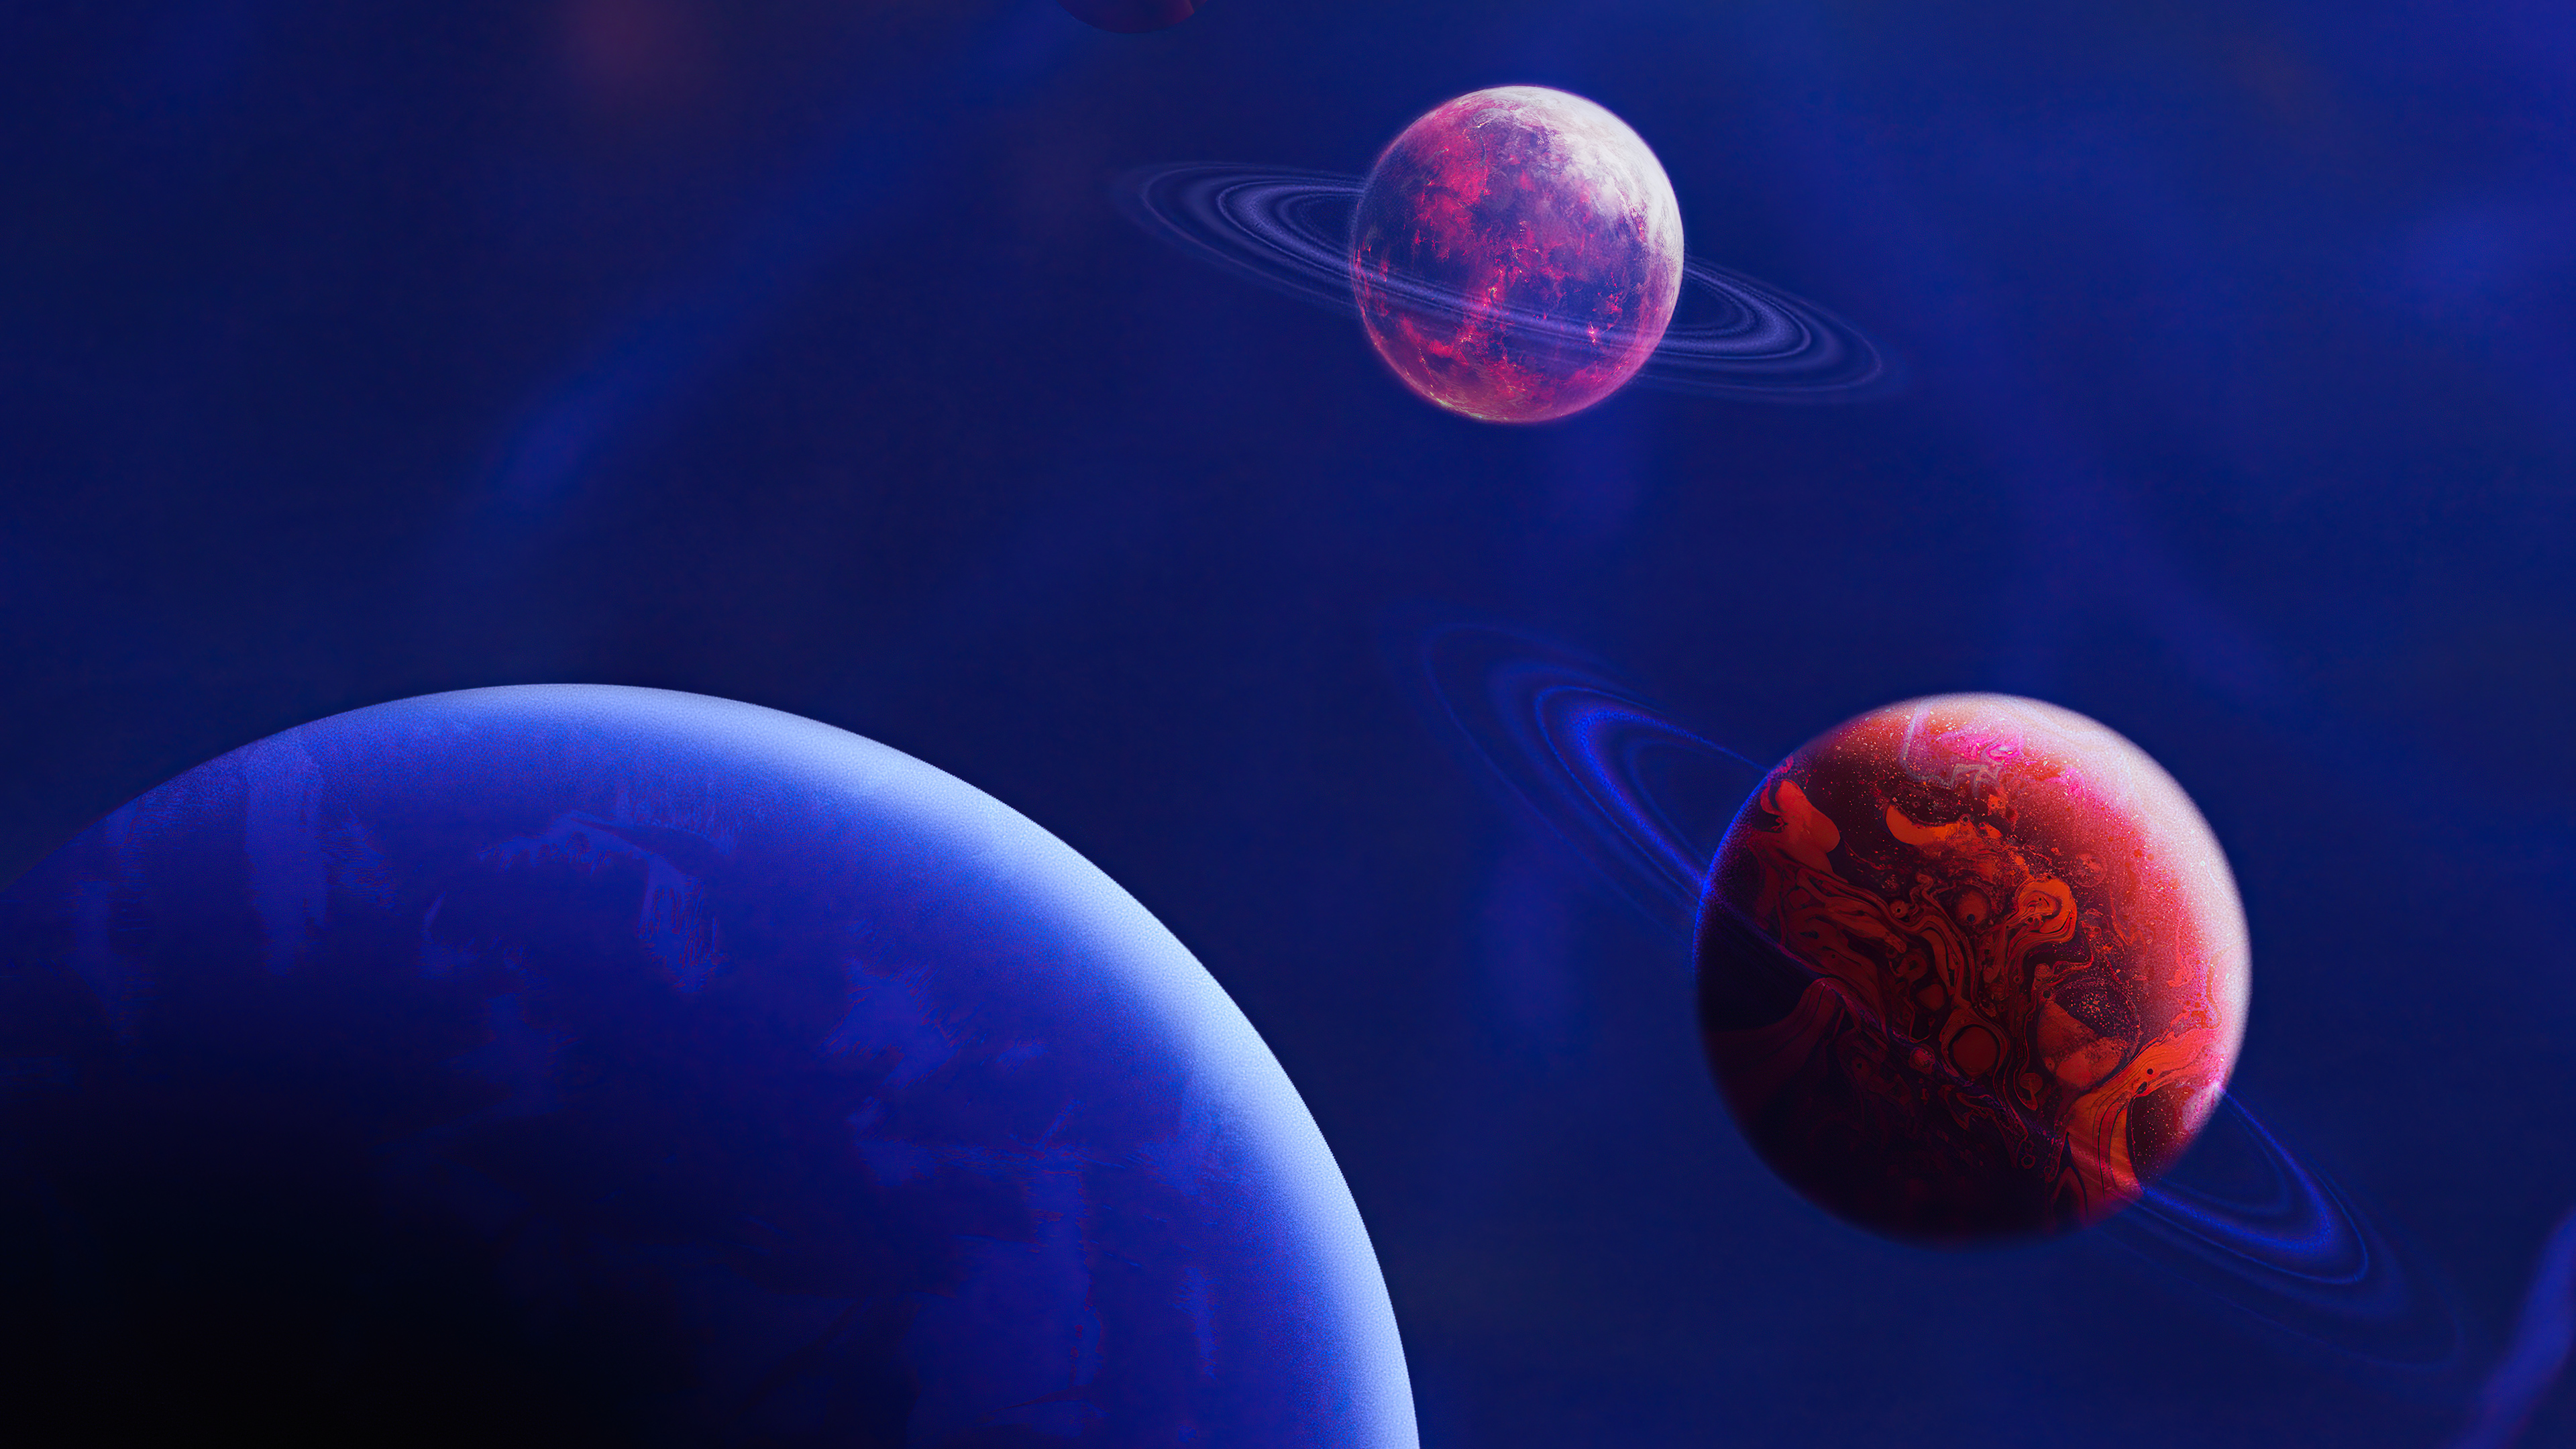 Fondos de pantalla Planetas digitales